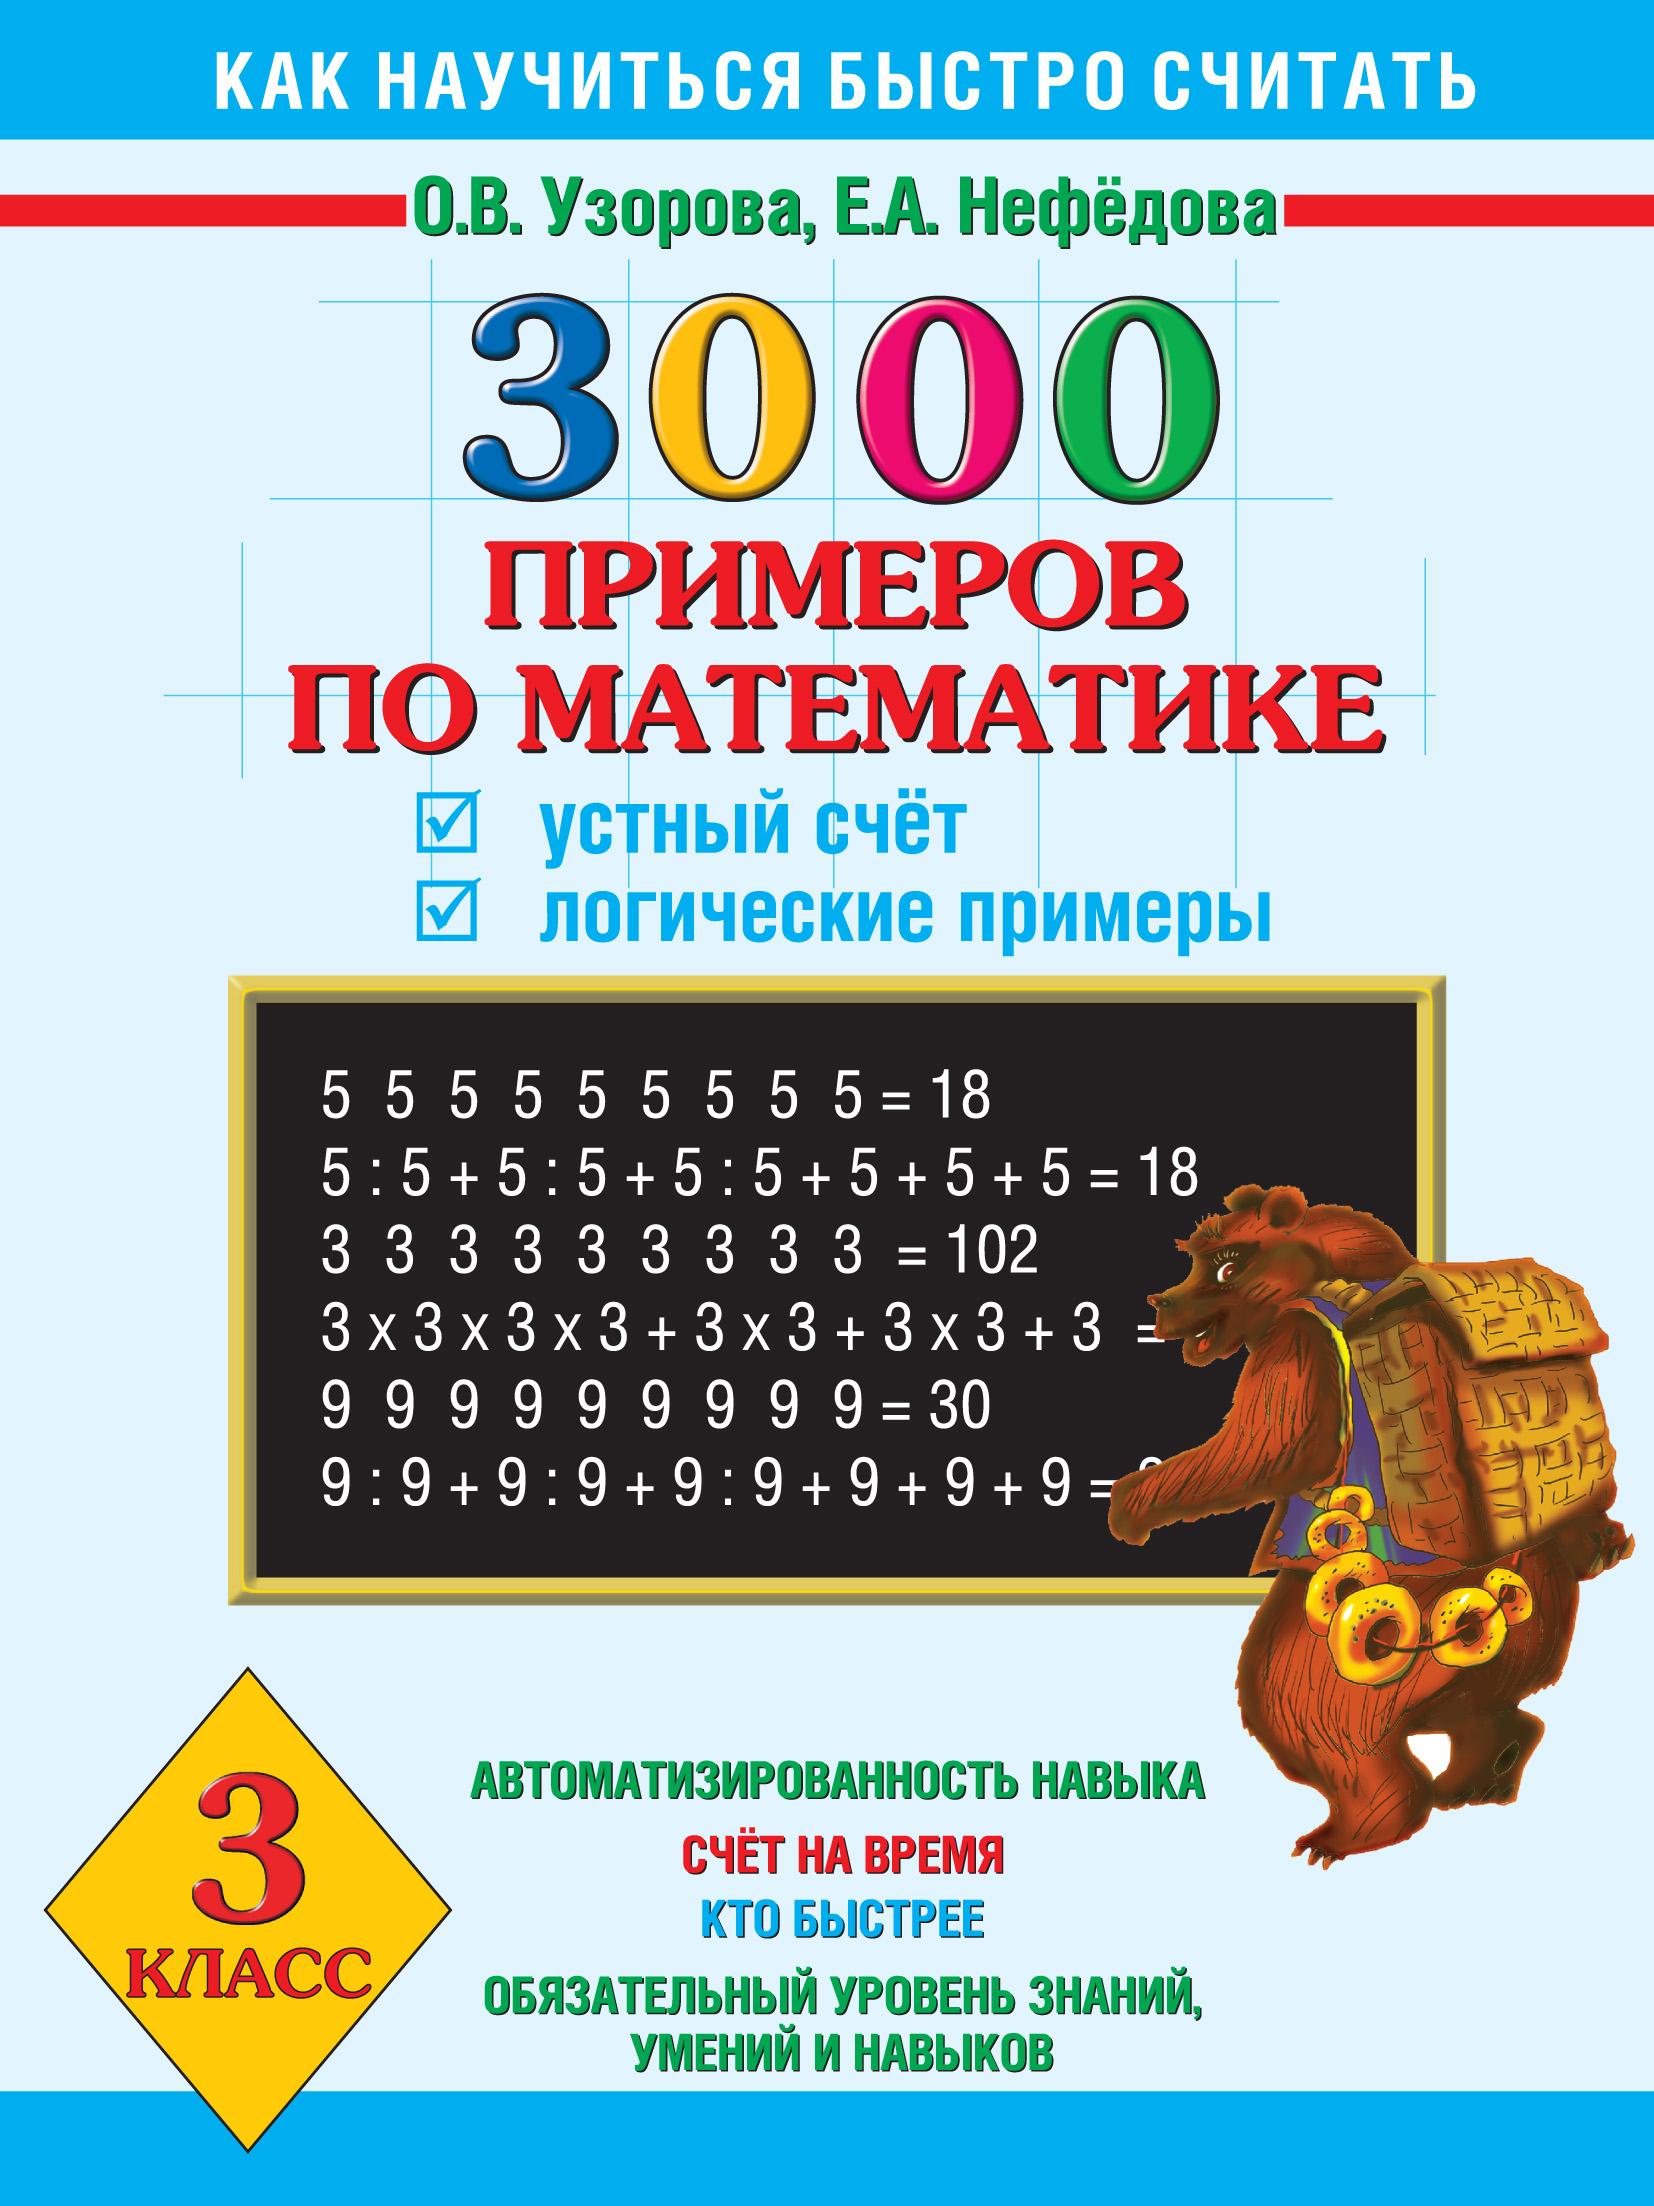 О. В. Узорова 3000 примеров по математике. Устный счет. Логические примеры. 3 класс о в узорова 3000 примеров по математике устный счет логические примеры 3 класс